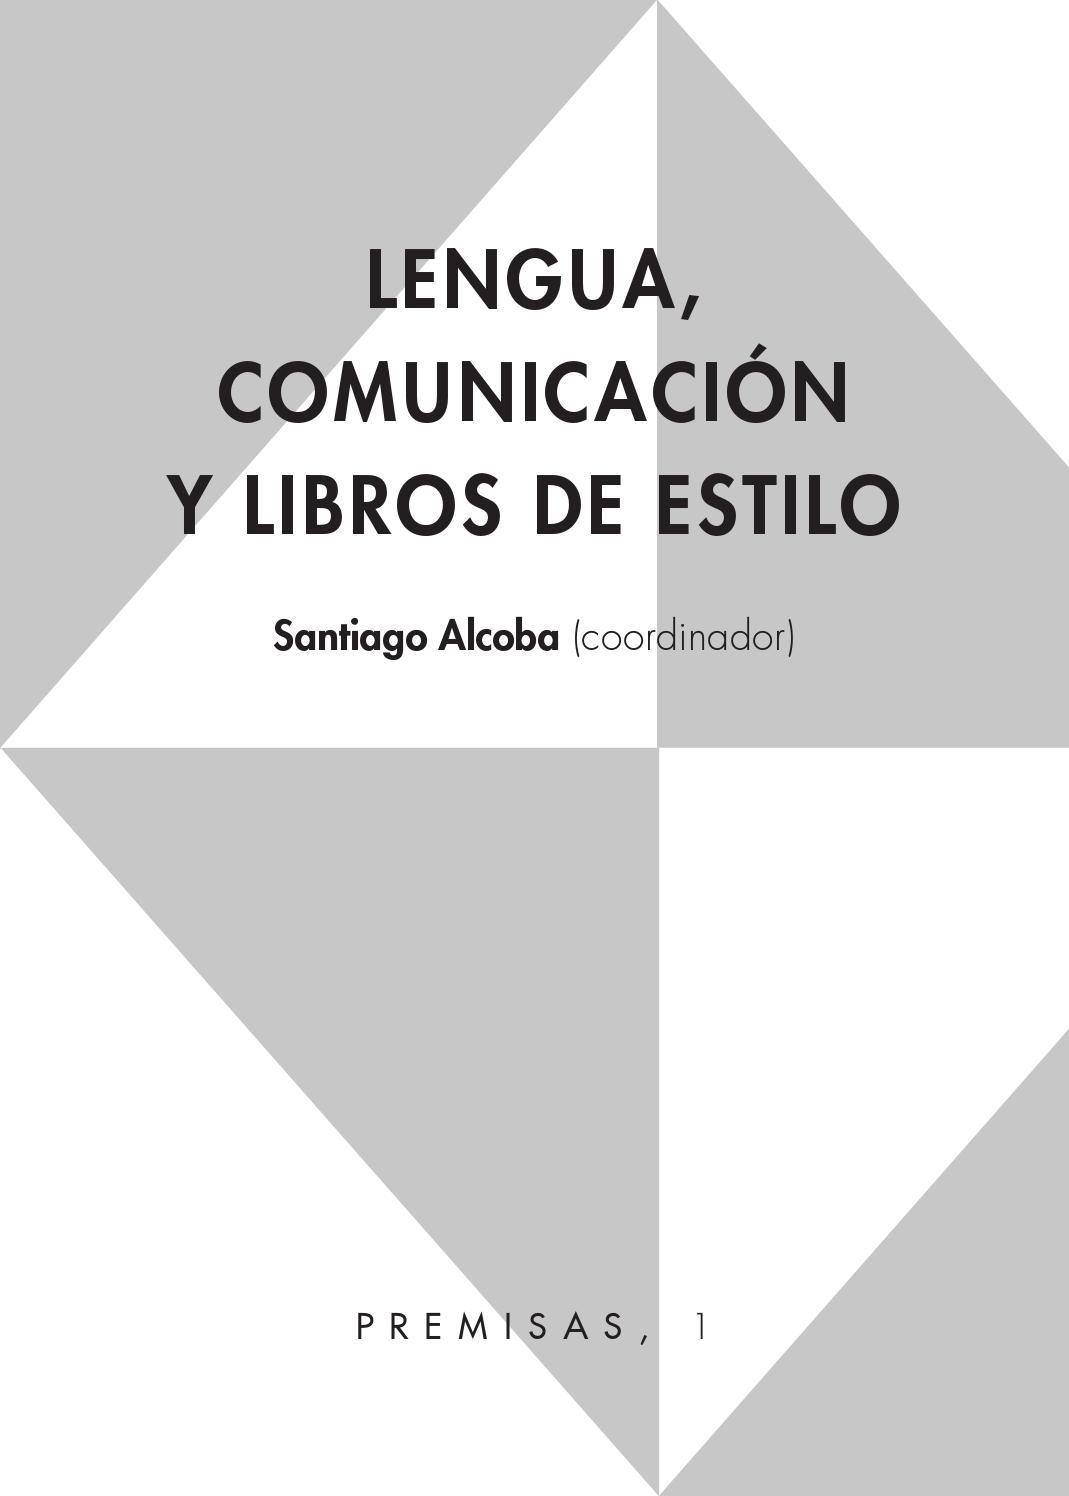 Lengua, comunicación y libros de estilo by Jaime Espinoza Cruzado ...